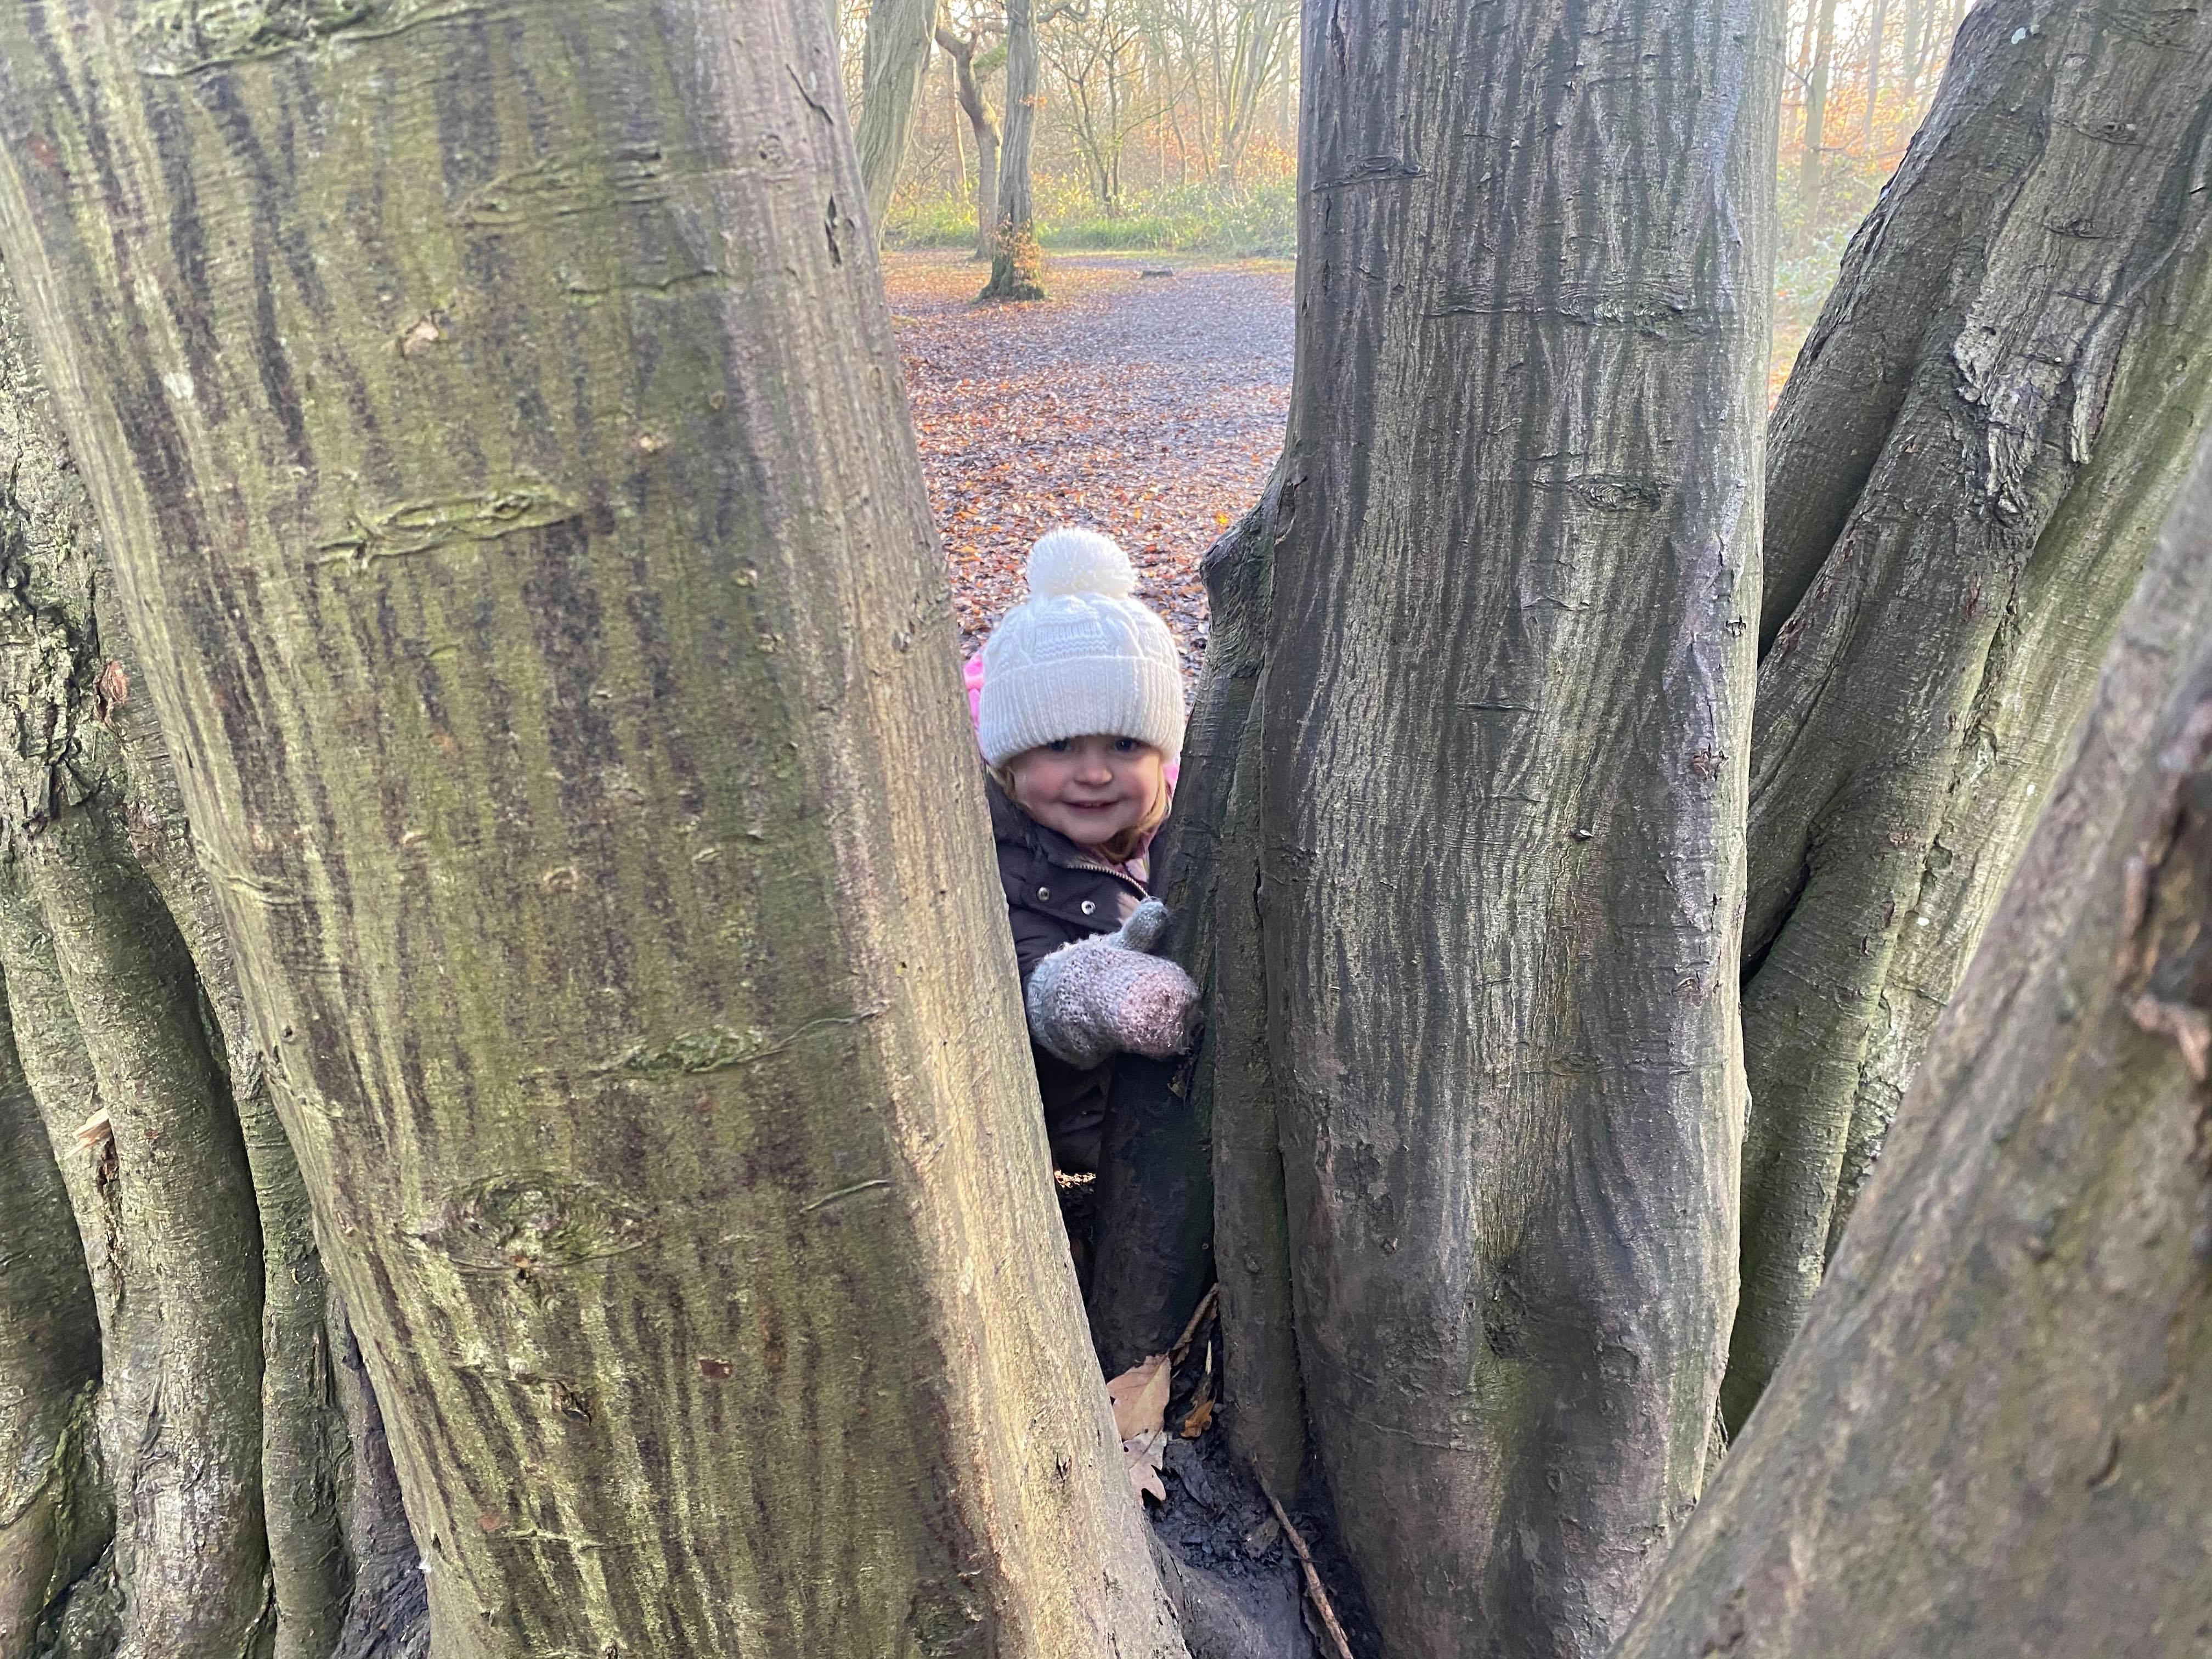 howe park woods, howe park address, howe park woods milton keynes, milton keynes mum